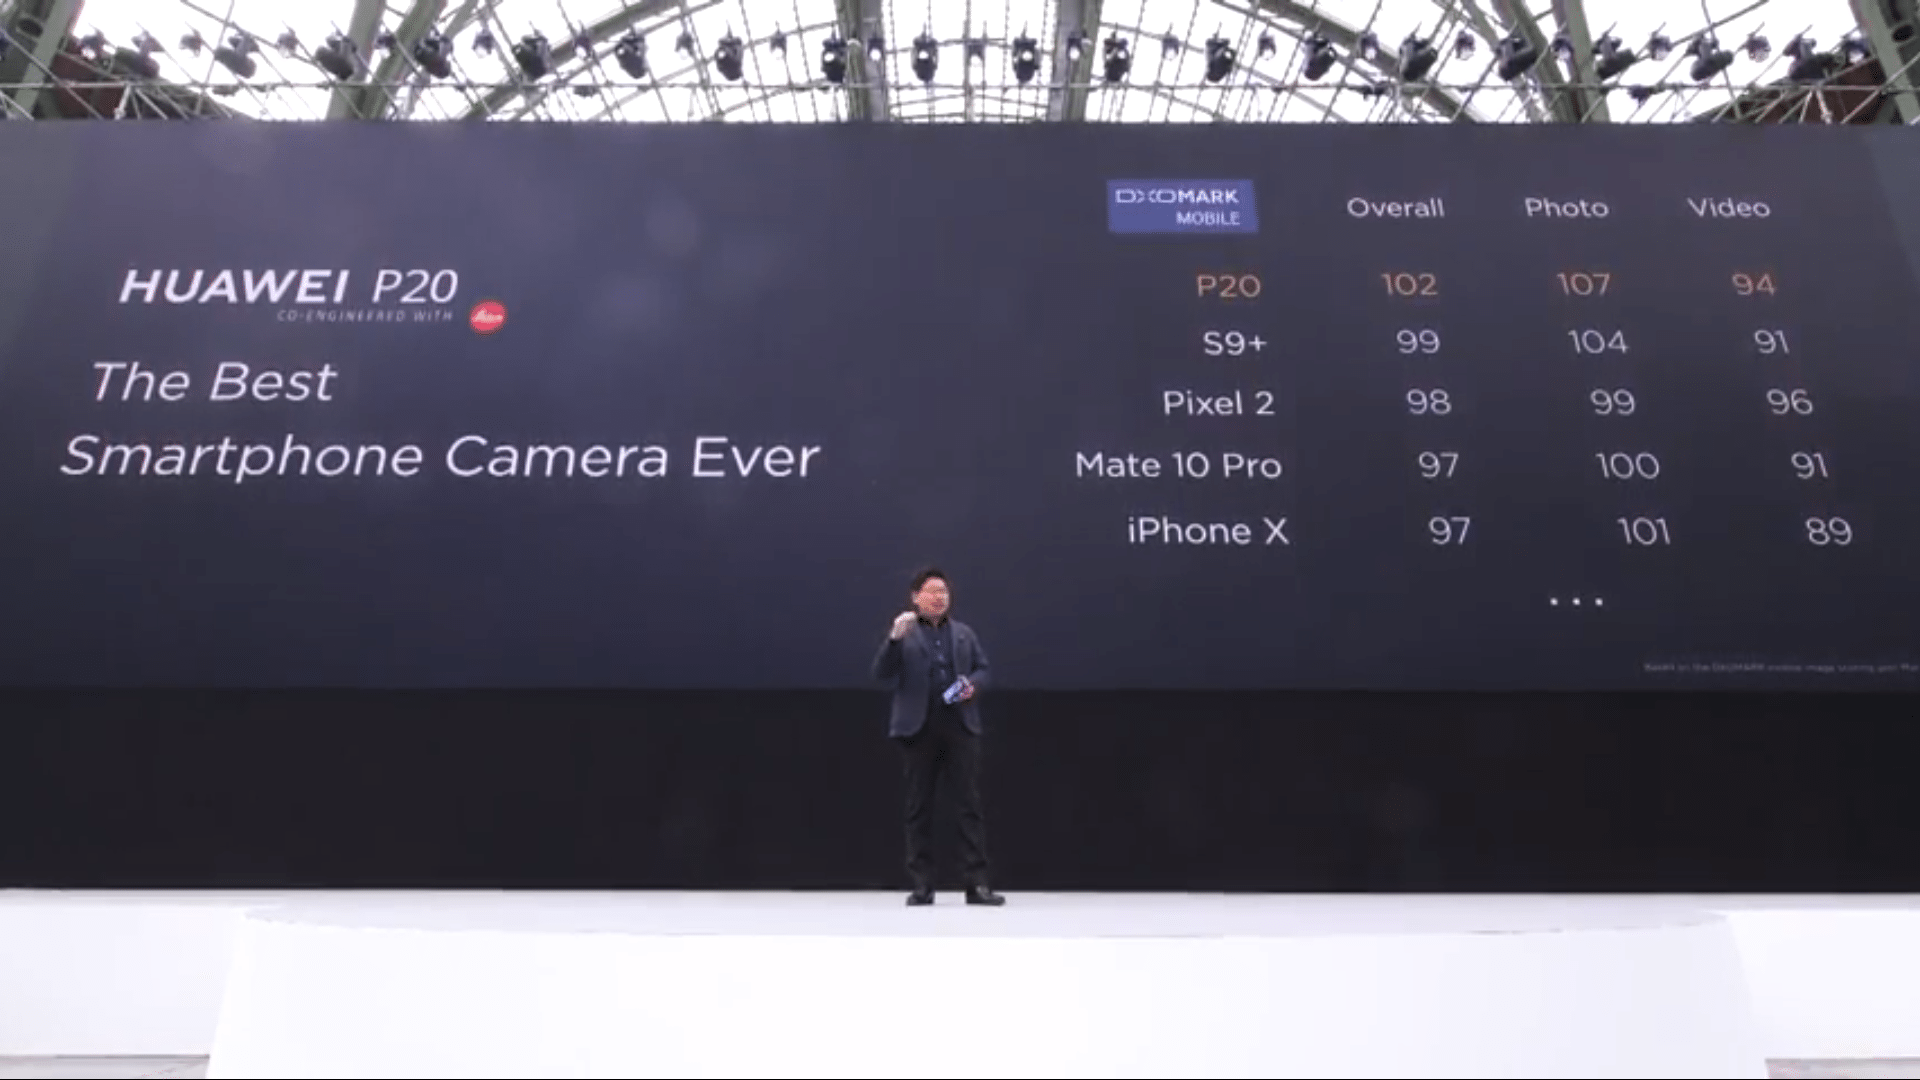 Huawei P20 P20 Pro Cameras